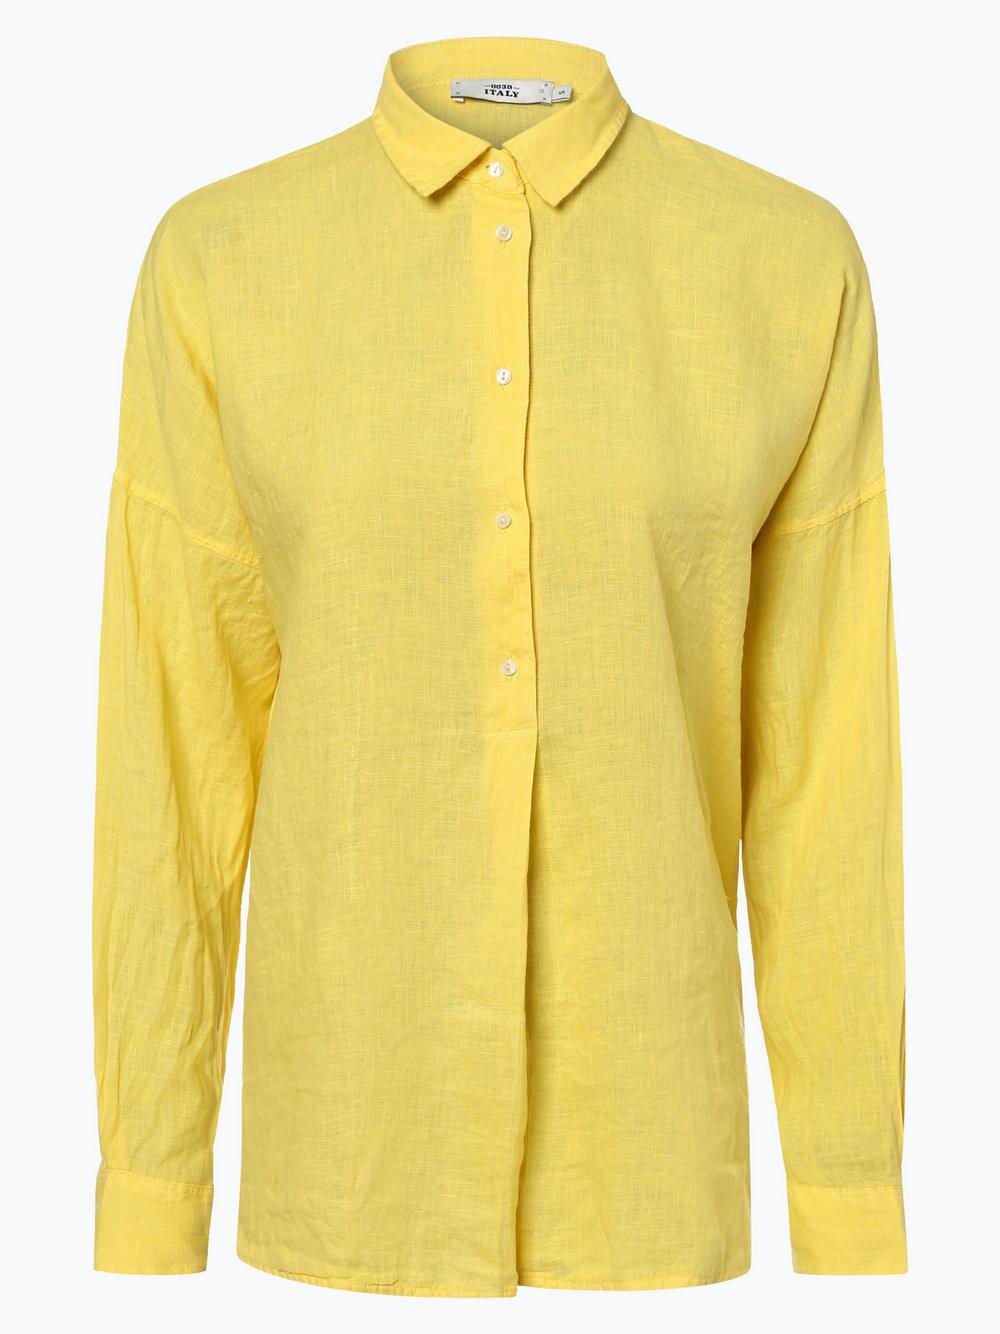 Obraz przedstawiający 0039 Italy - Damska bluzka lniana, żółty